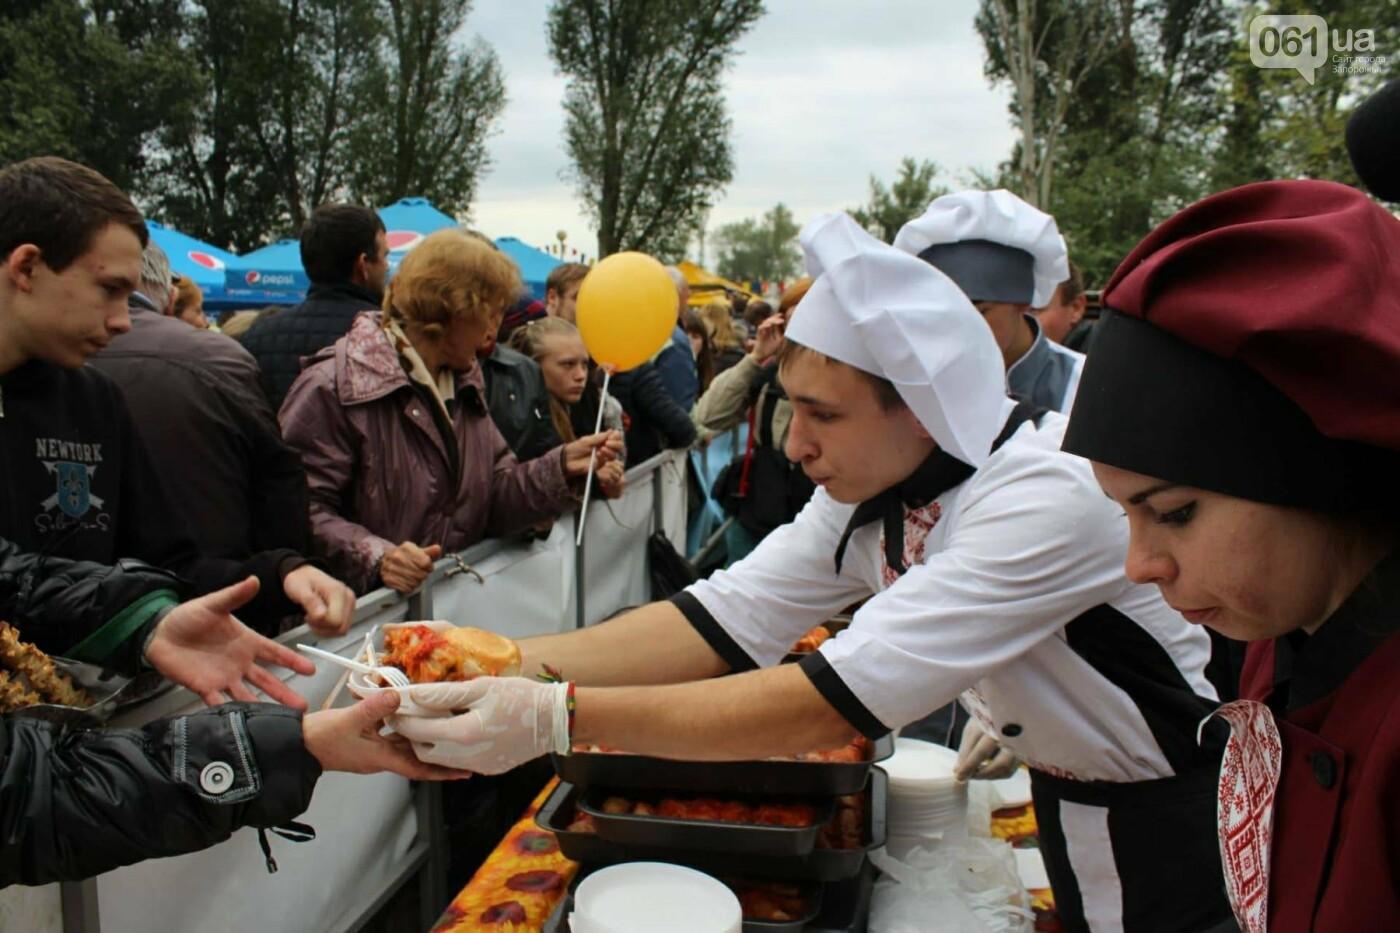 В Запорожье на ярмарке под баян начали раздавать голубцы: пока без драк, - ФОТОРЕПОРТАЖ, фото-18